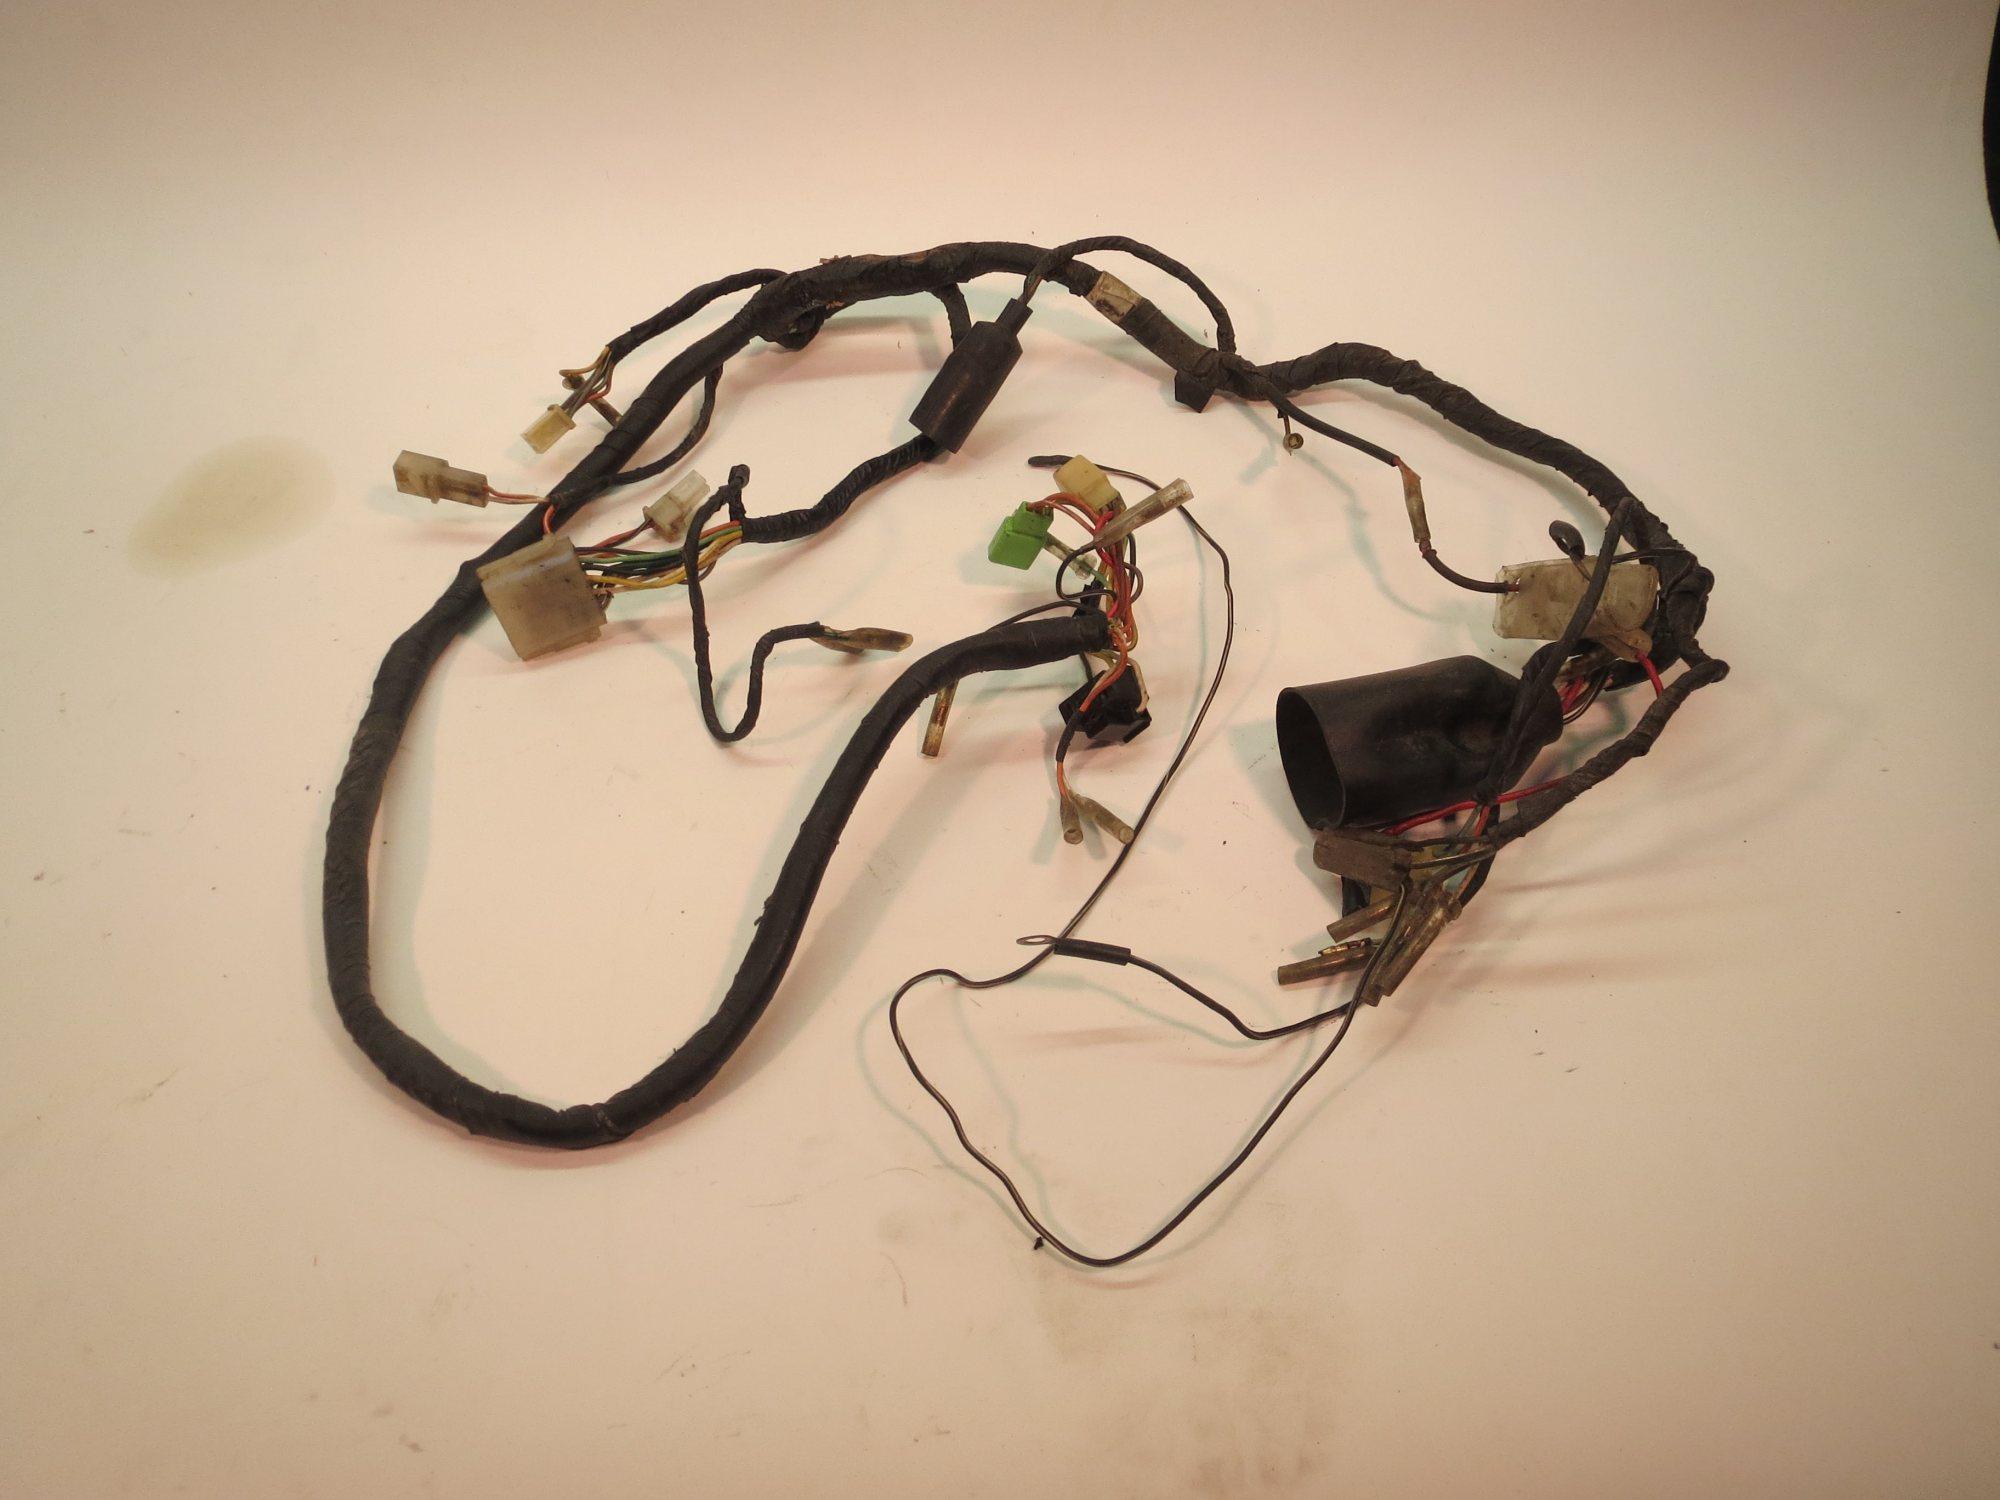 hight resolution of  suzuki gs250t main wiring harness 80 81 on suzuki alternator wiring suzuki lt80 parts